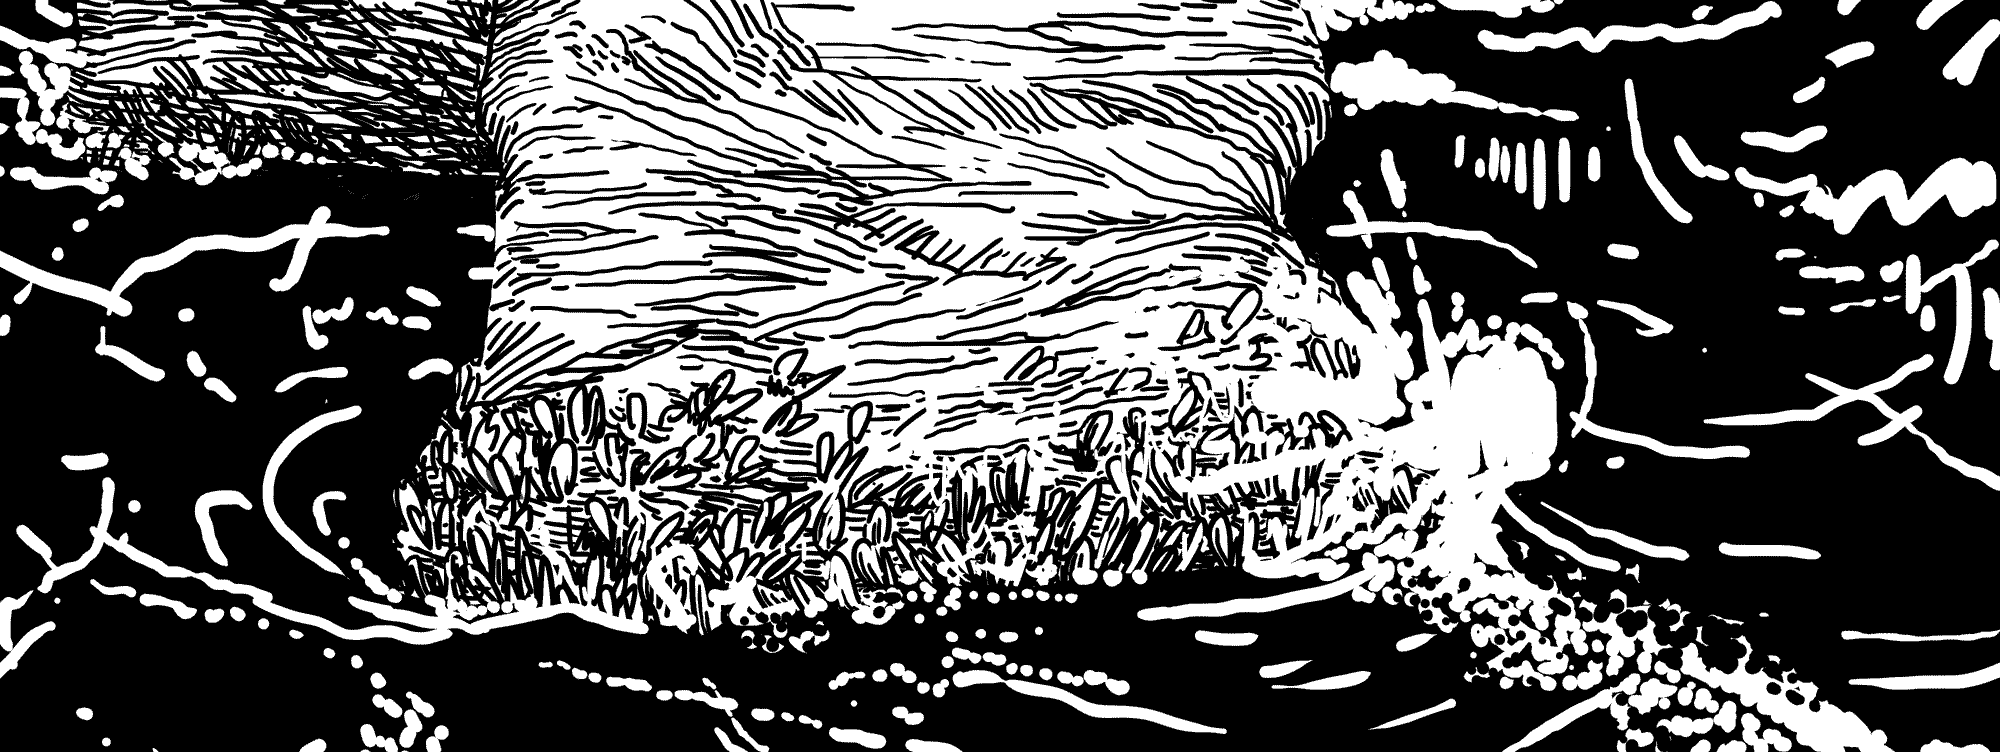 p-panel2-sw